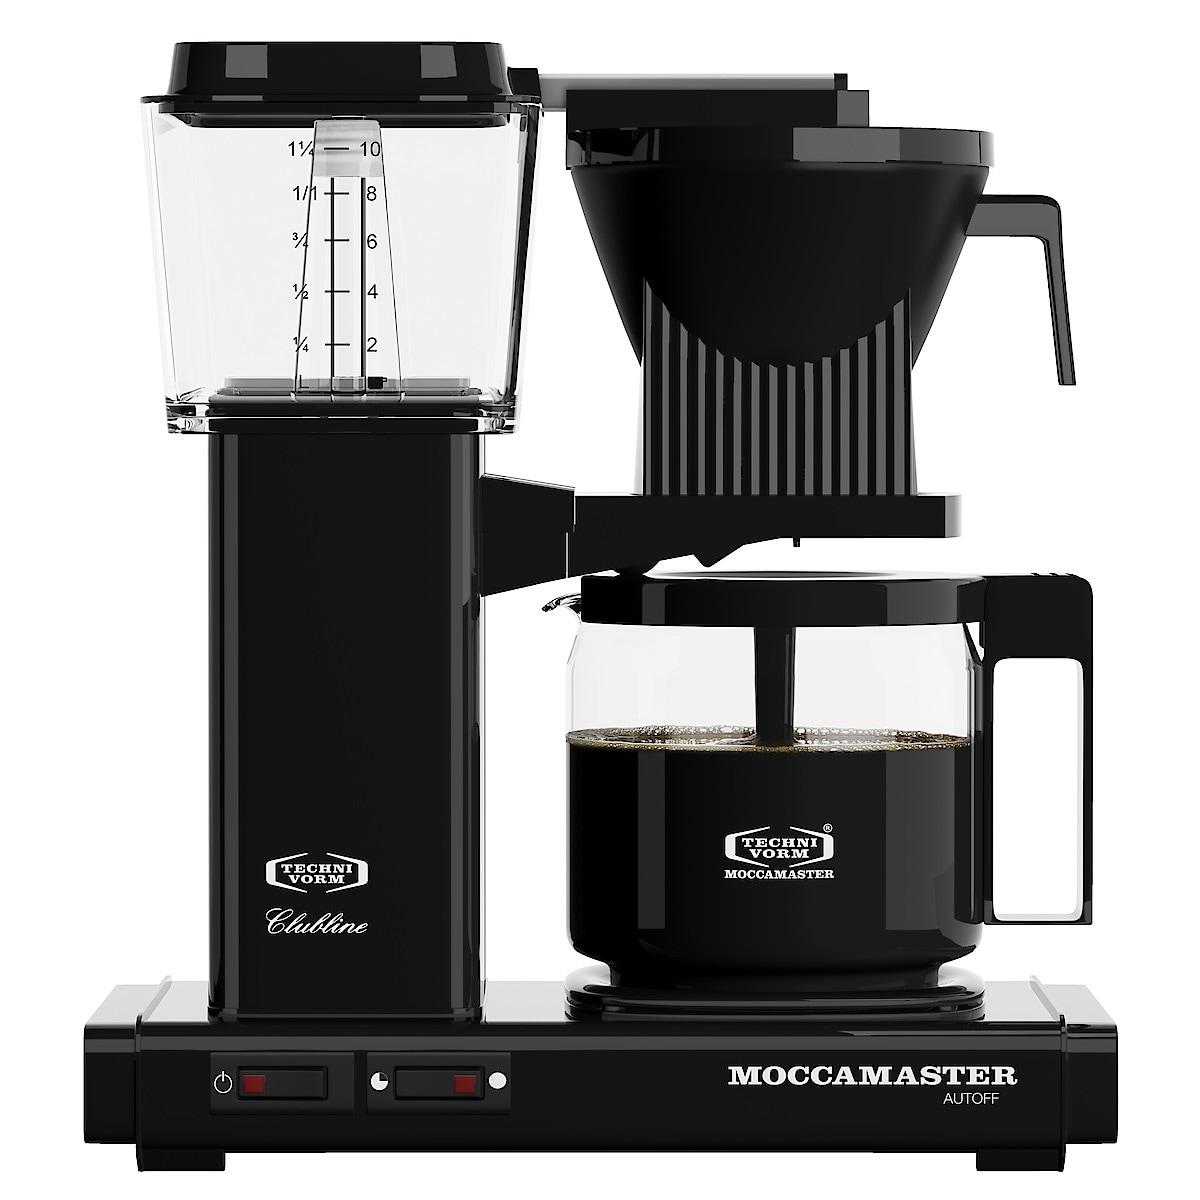 Moccamaster kaffebryggare med termoskanna du kan köpa online